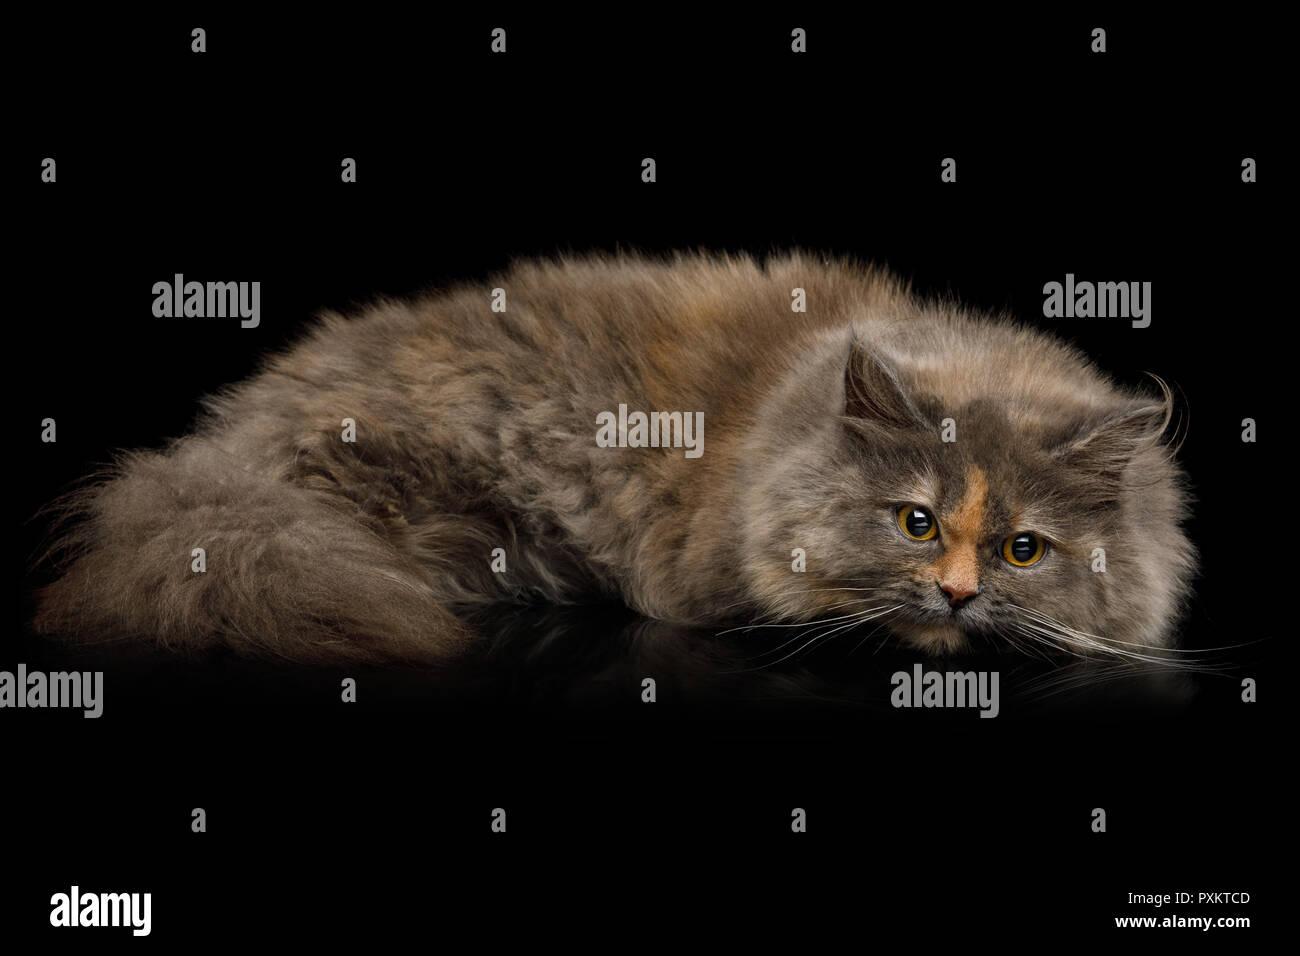 Short Munchkin Cat tortoise fur Lying on Isolated Black background - Stock Image